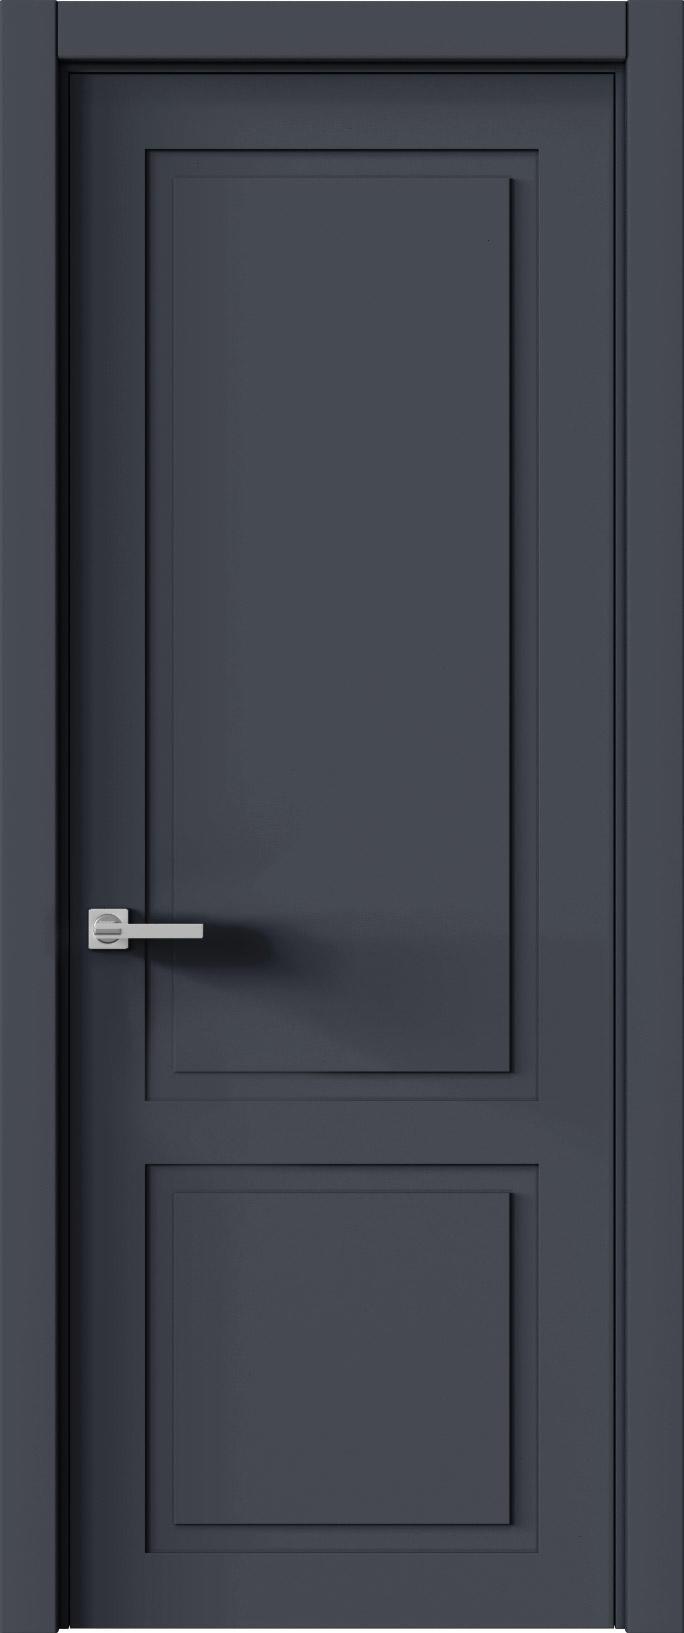 Tivoli И-5 цвет - Графитово-серая эмаль (RAL 7024) Без стекла (ДГ)